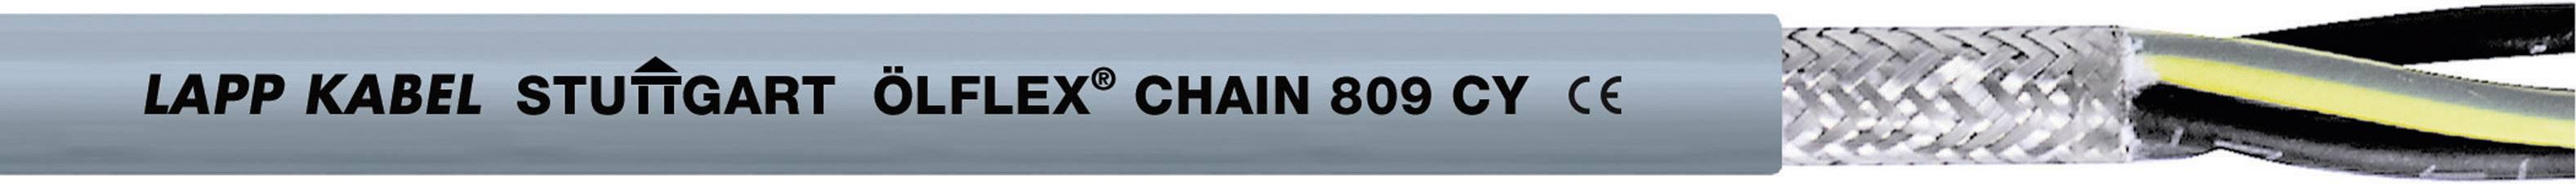 Žíla kabelu LappKabel ÖLFLEX CHAIN 809 CY 12G1,0 (1026772), 12x 1 mm², PVC, Ø 11,7 mm, stíněný, 1 m, šedá